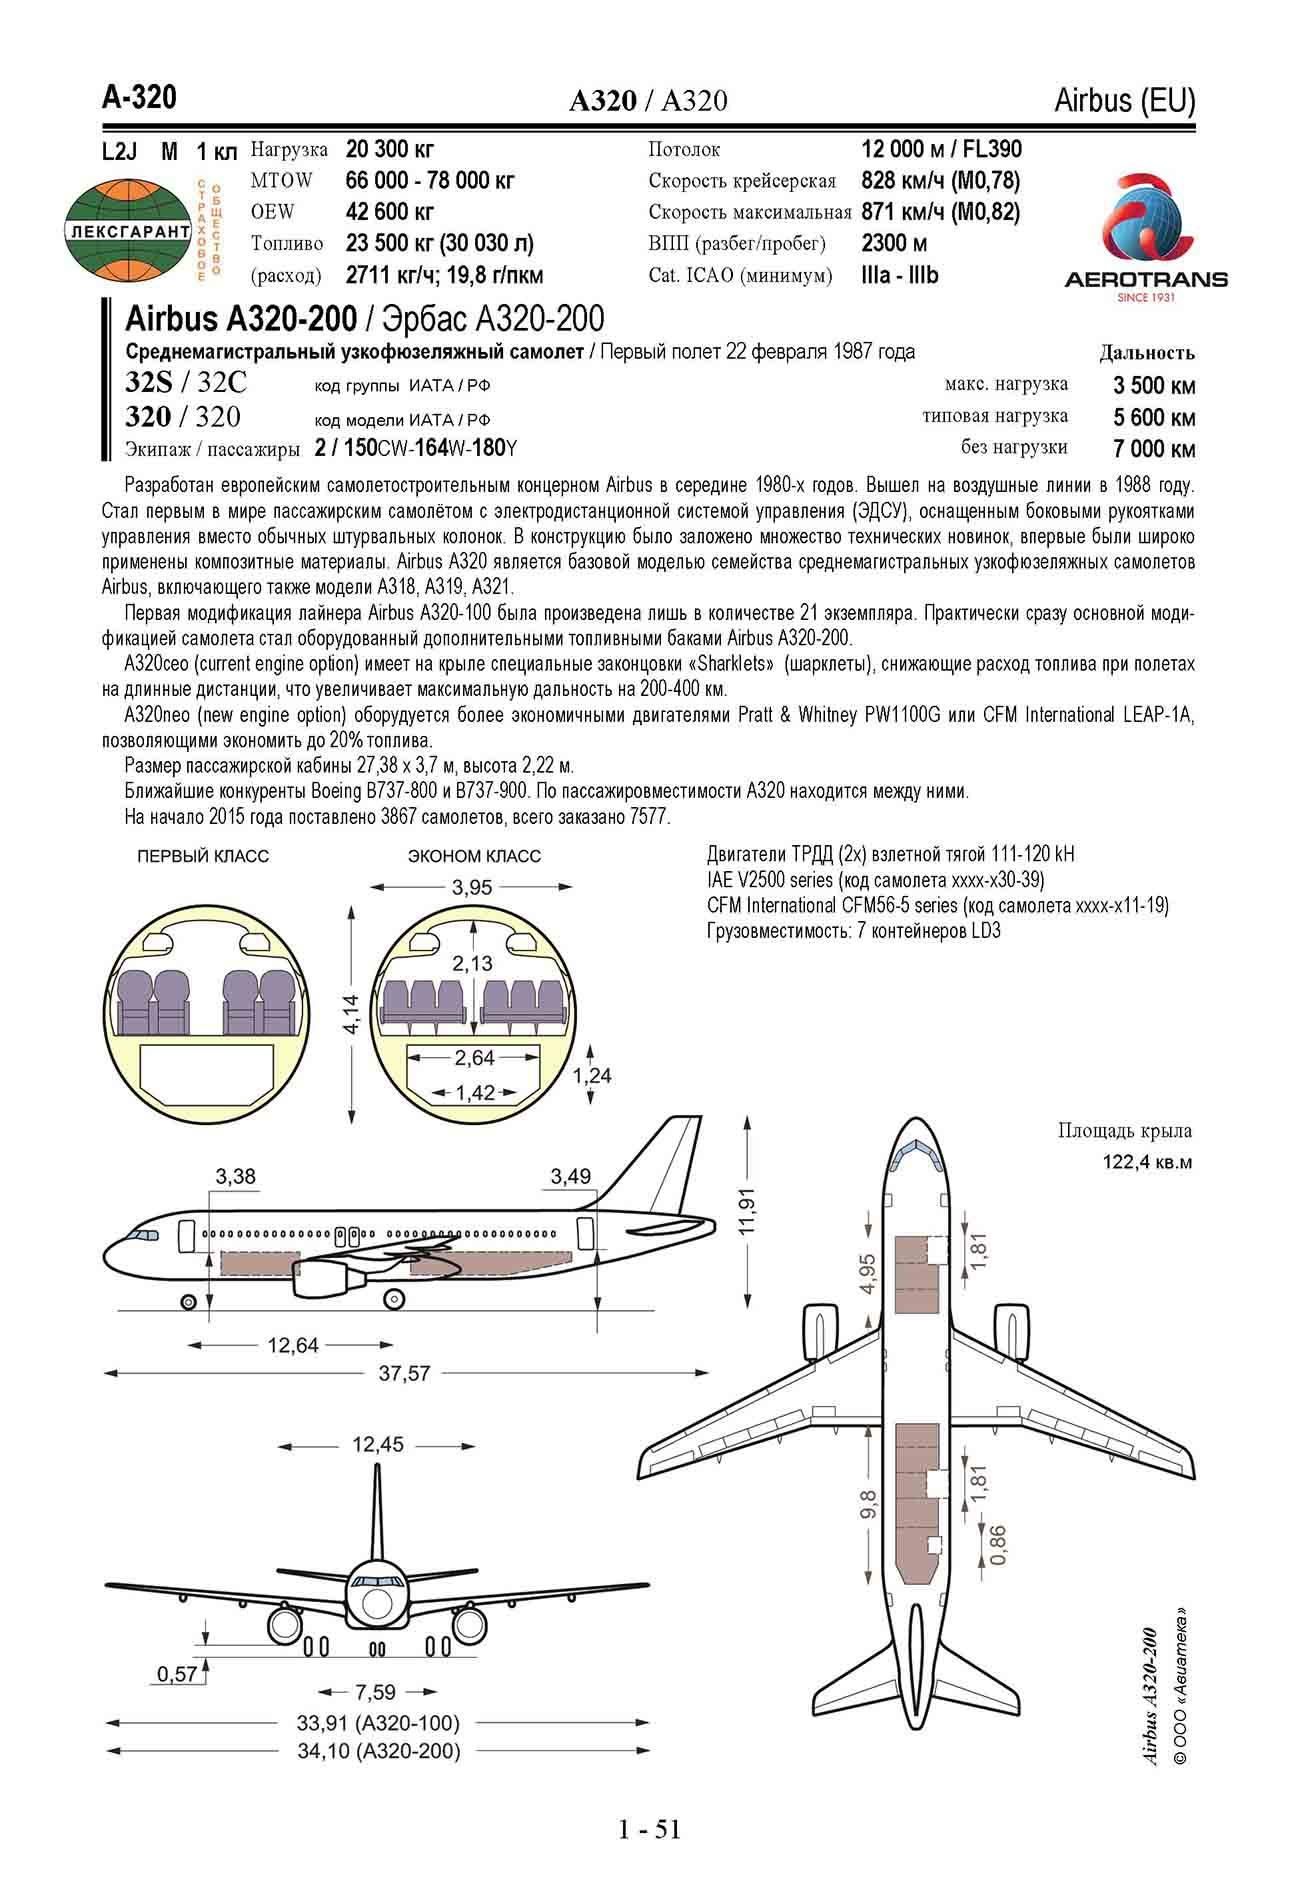 Пример страницы воздушного судна А-320